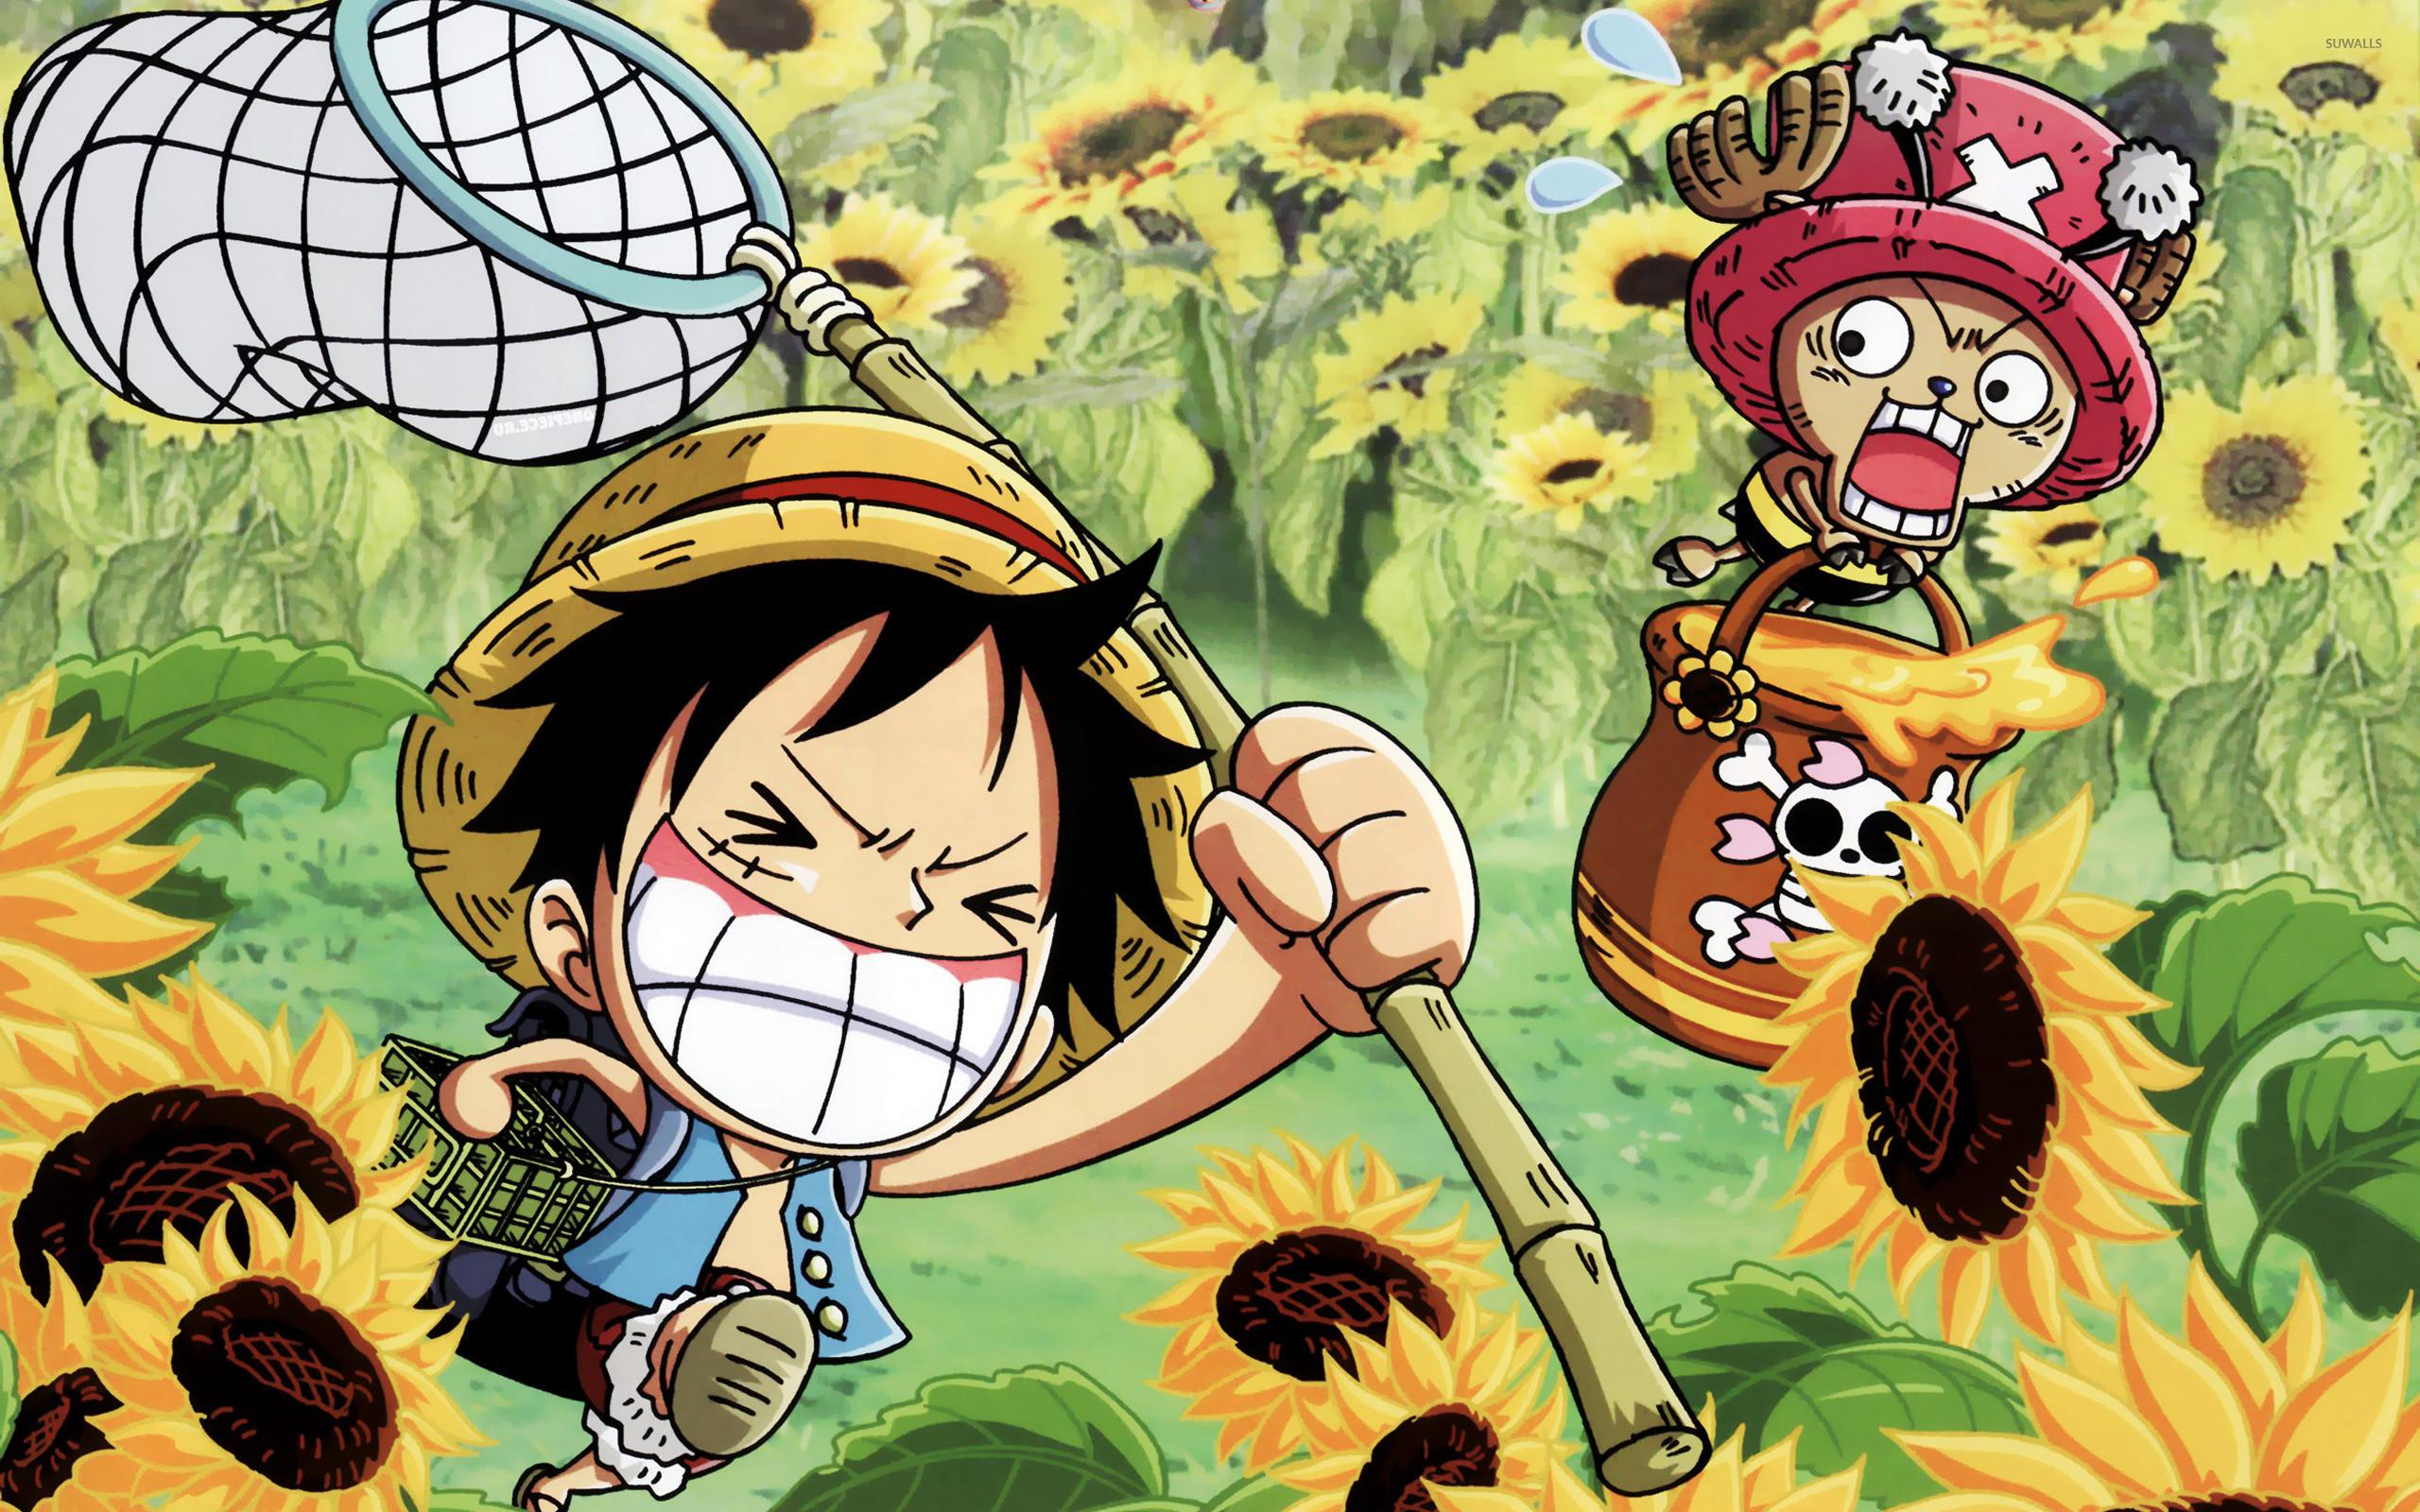 Funny One Piece Wallpaper – Luffy and Tony Tony Chopper .